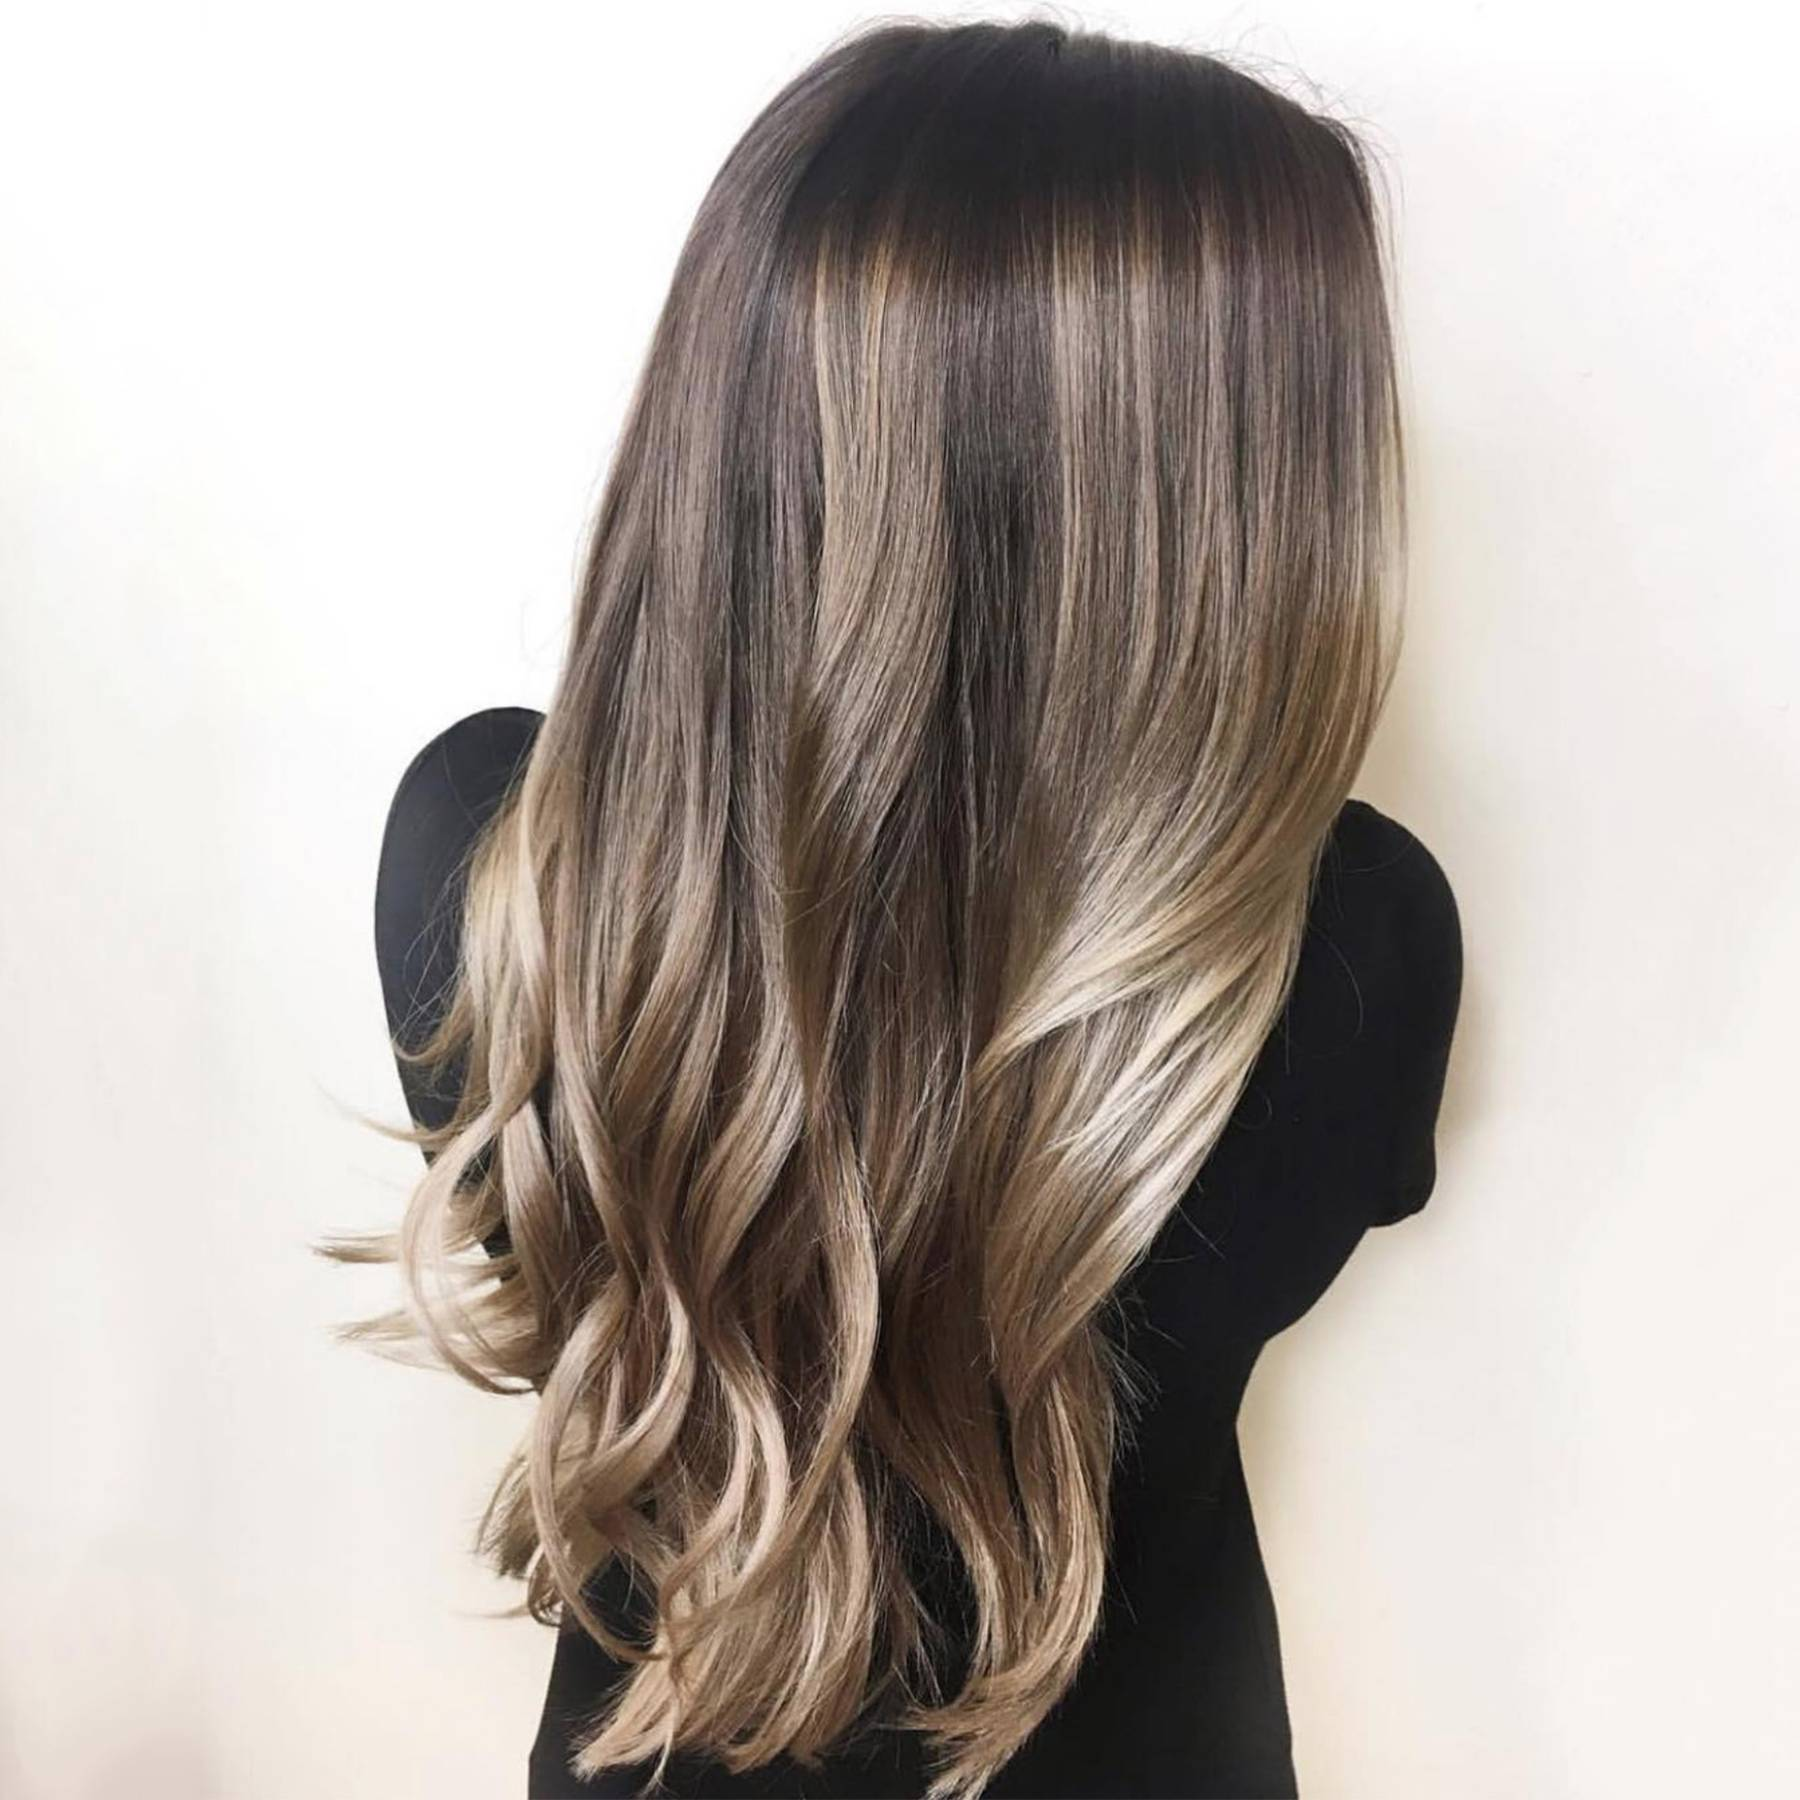 Màu tóc đuôi vàng cực đẹp